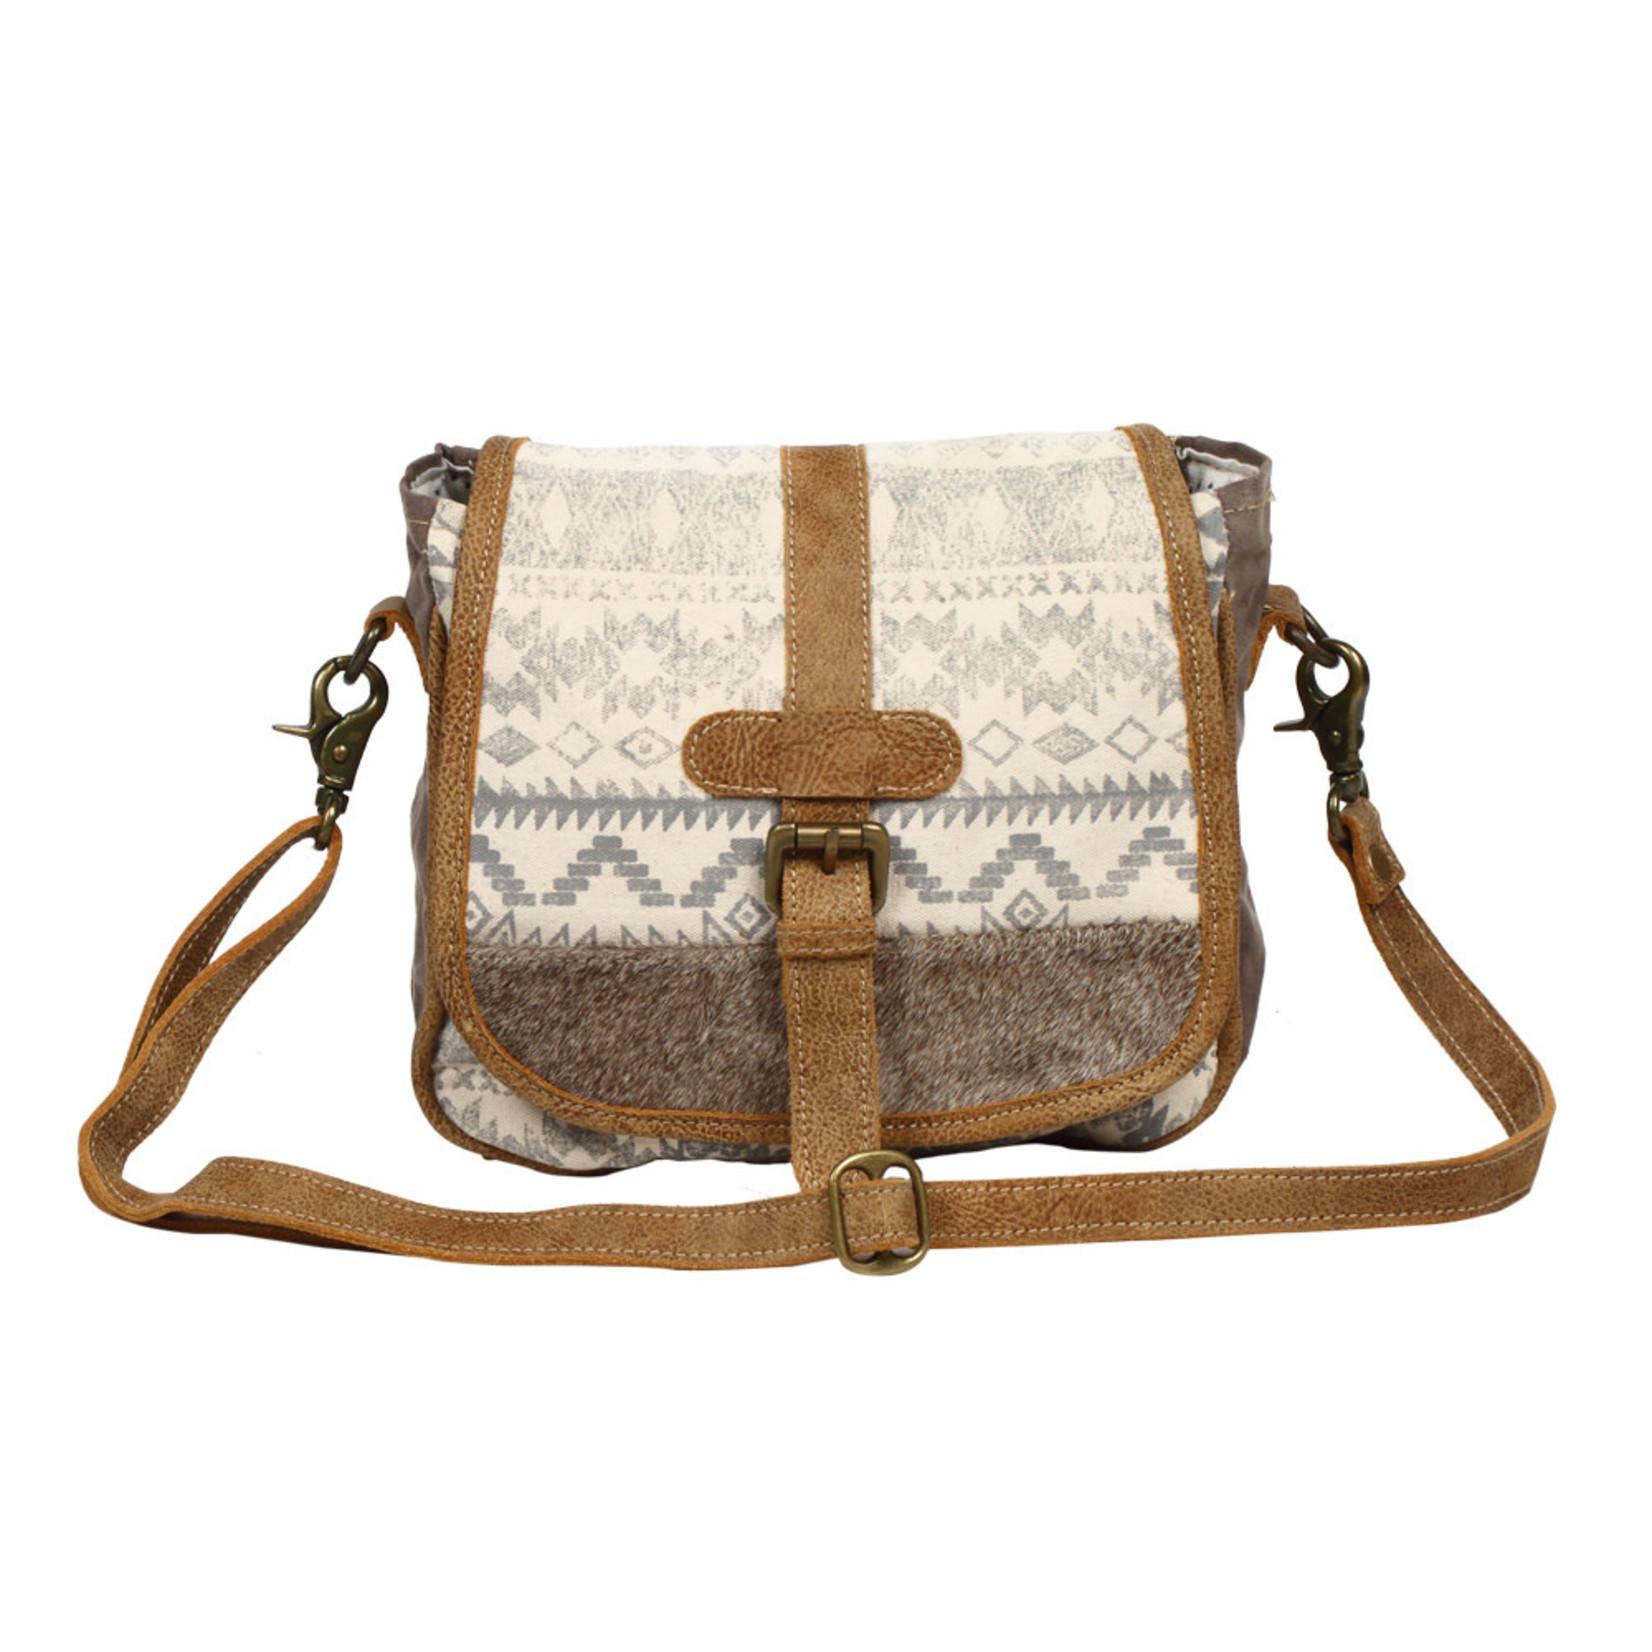 Myra Bags S-1230 Flapover & Hairon Design Small & Crossbody Bag